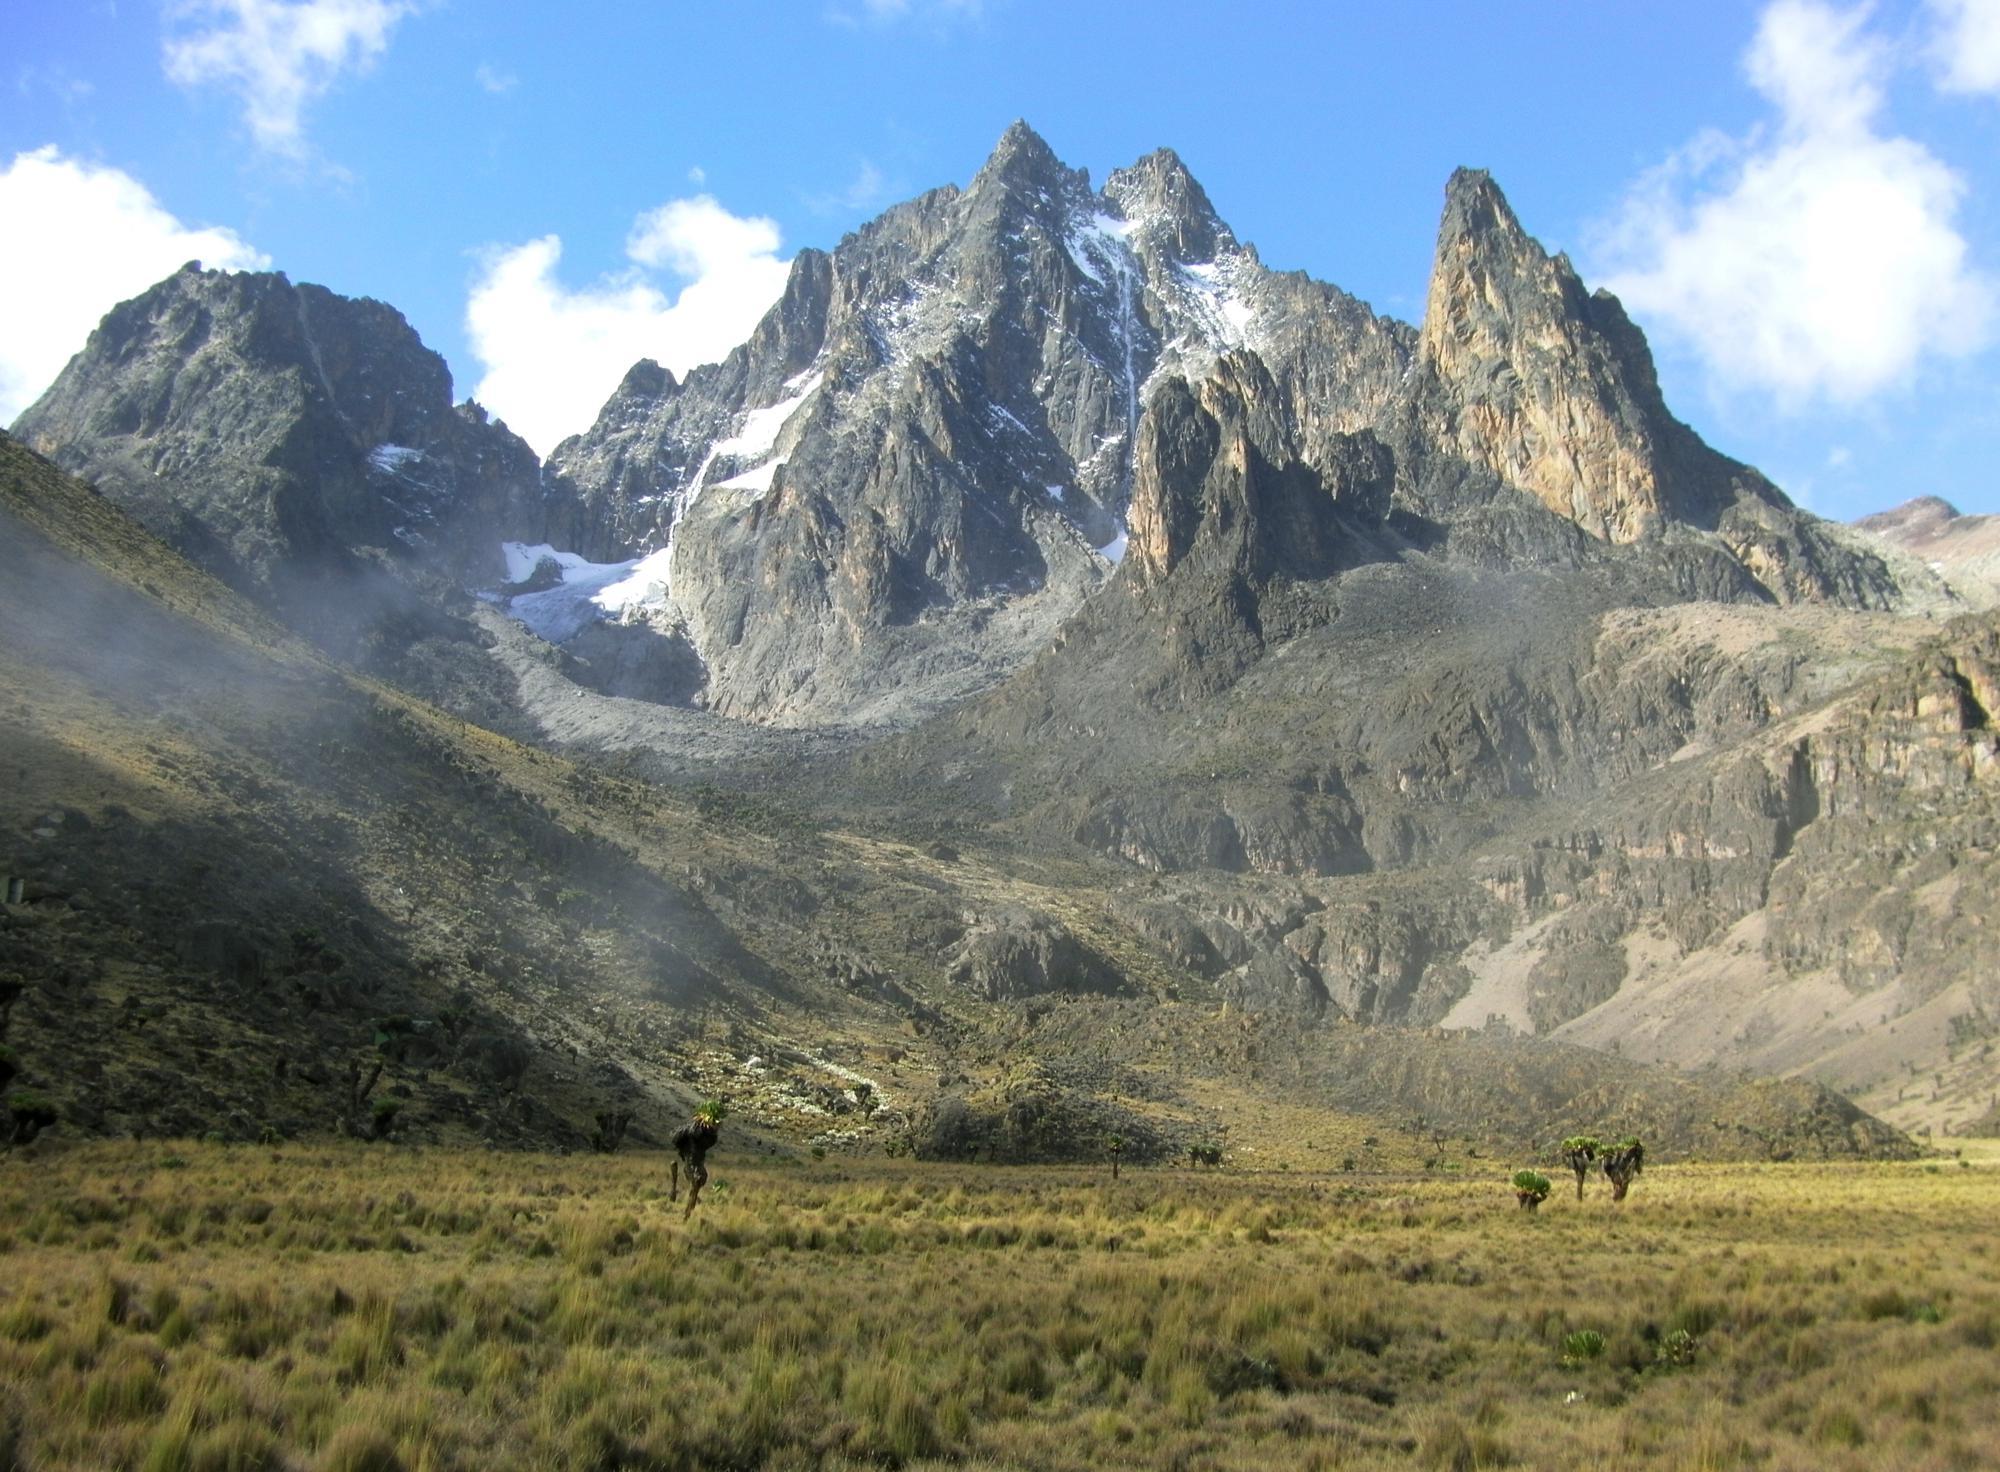 Mount Kenya Naro Moru Route